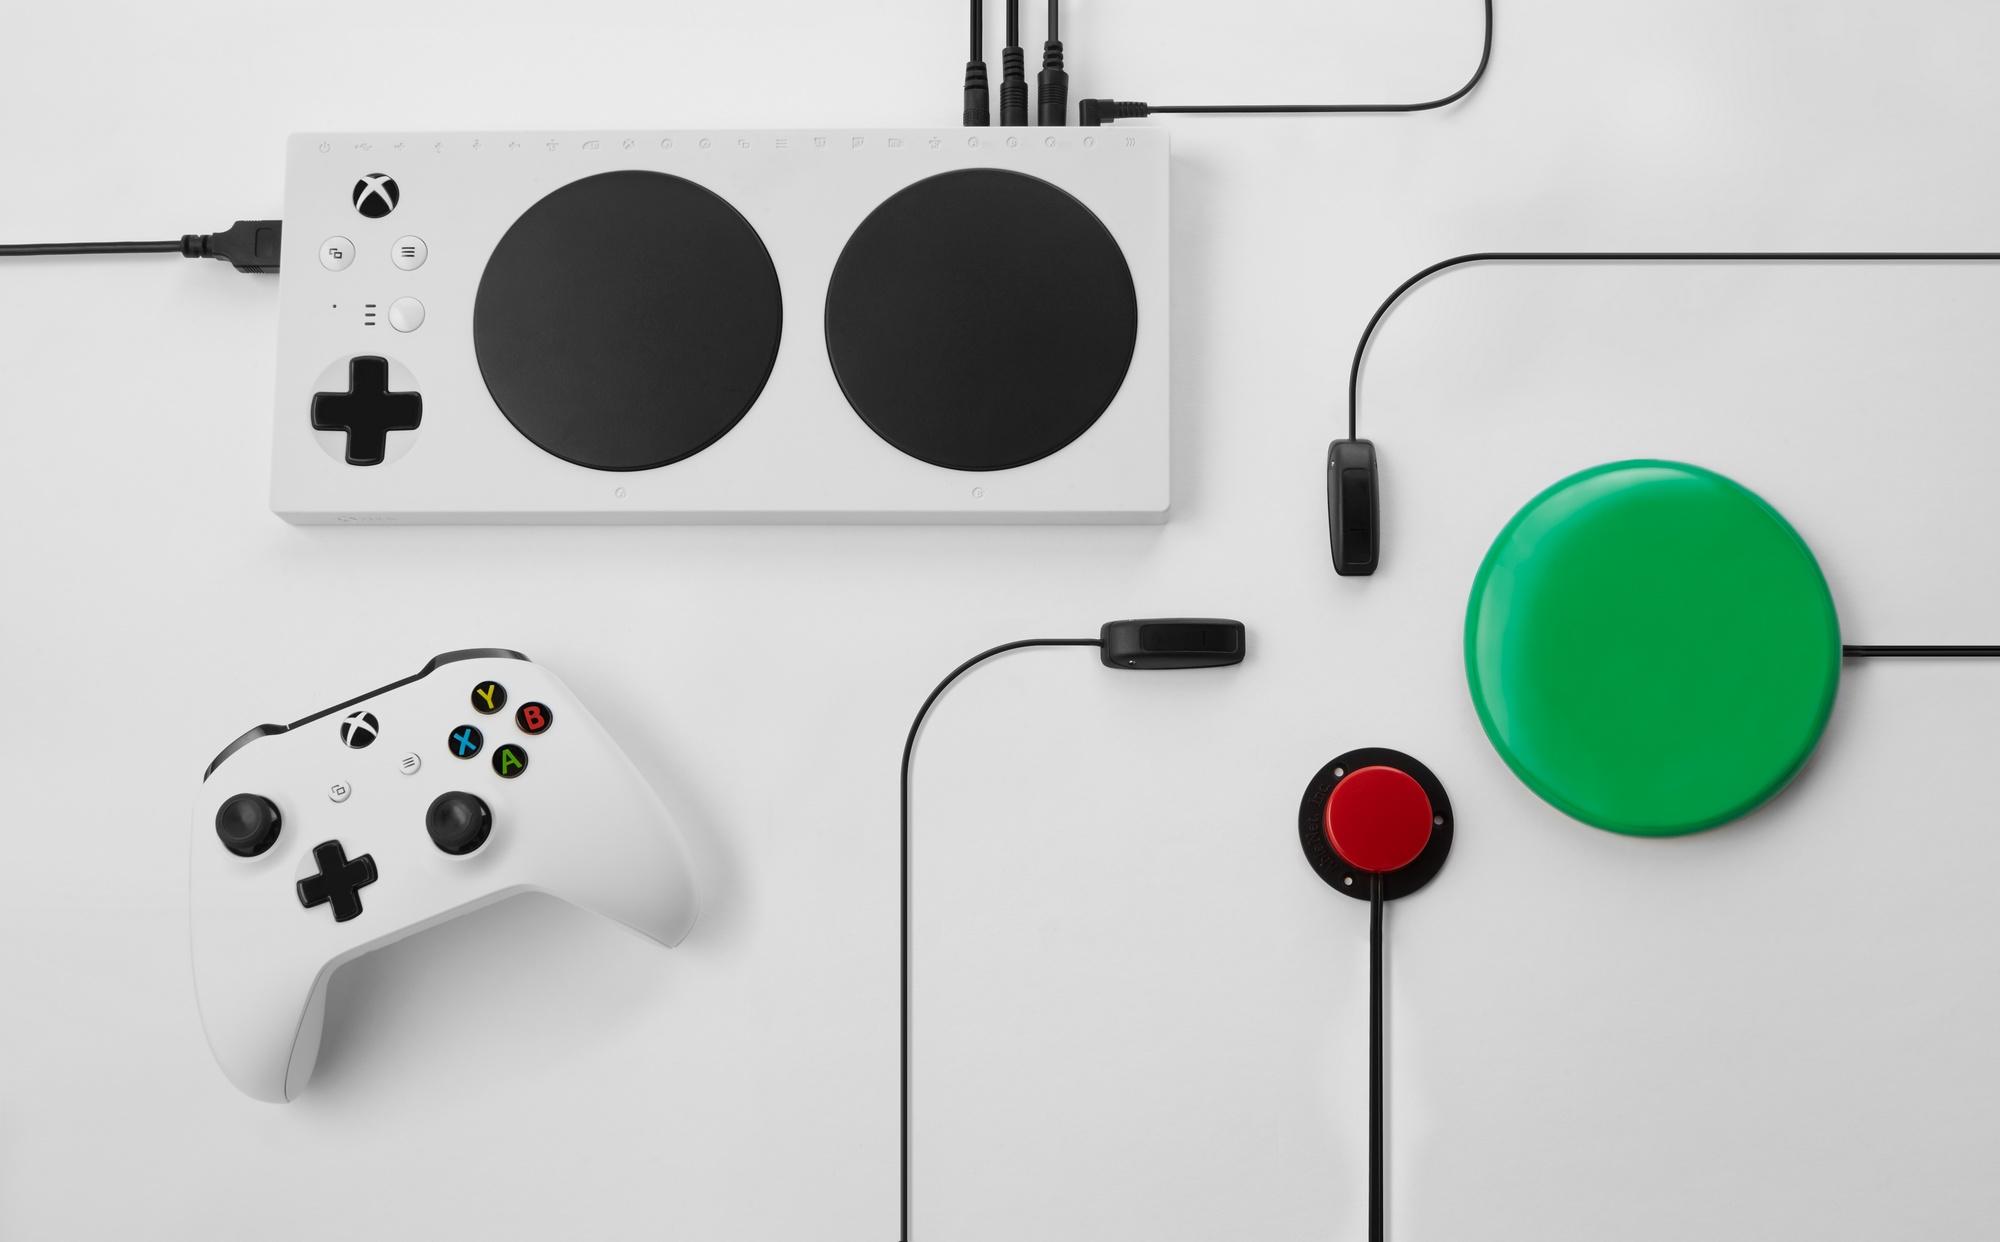 Microsoft официально представила контроллер Xbox Adaptive Controller для людей сограниченными возможностями